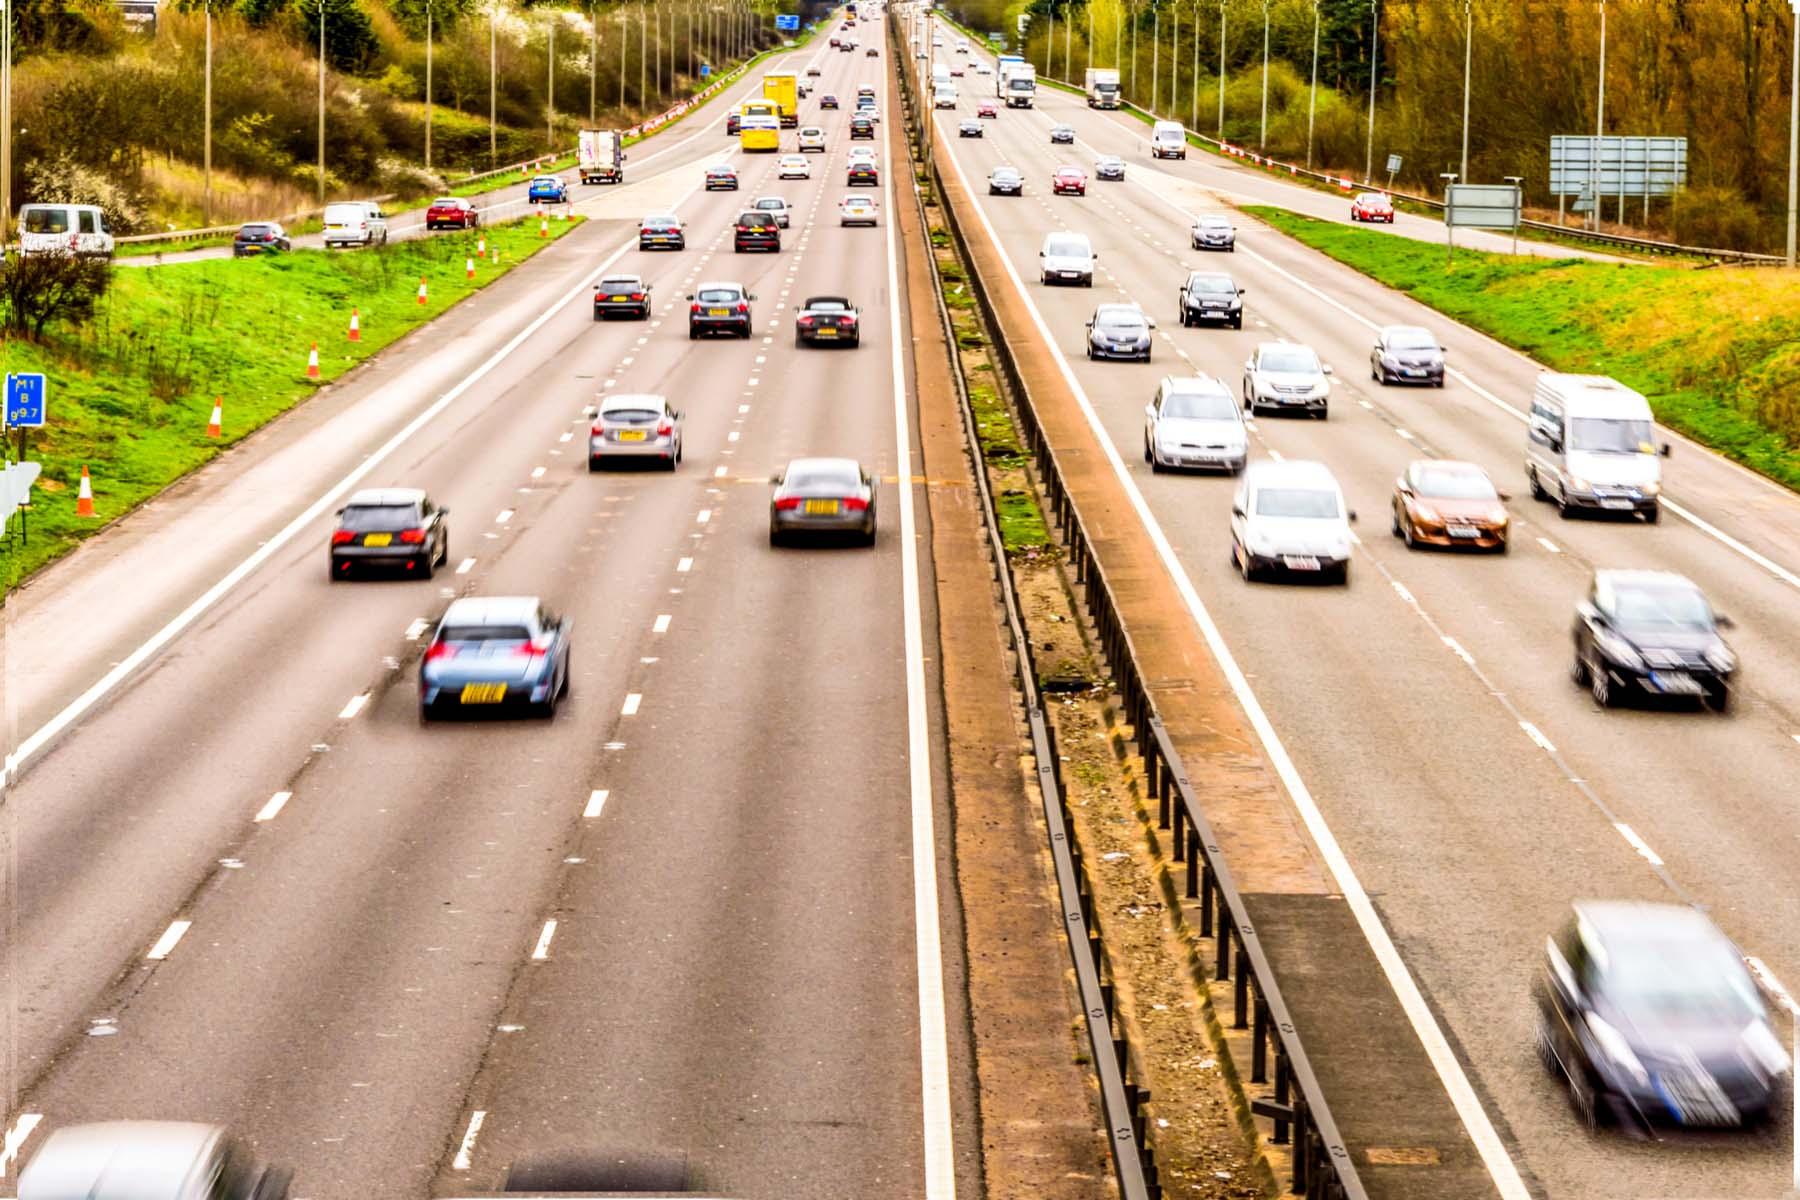 highway in the UK